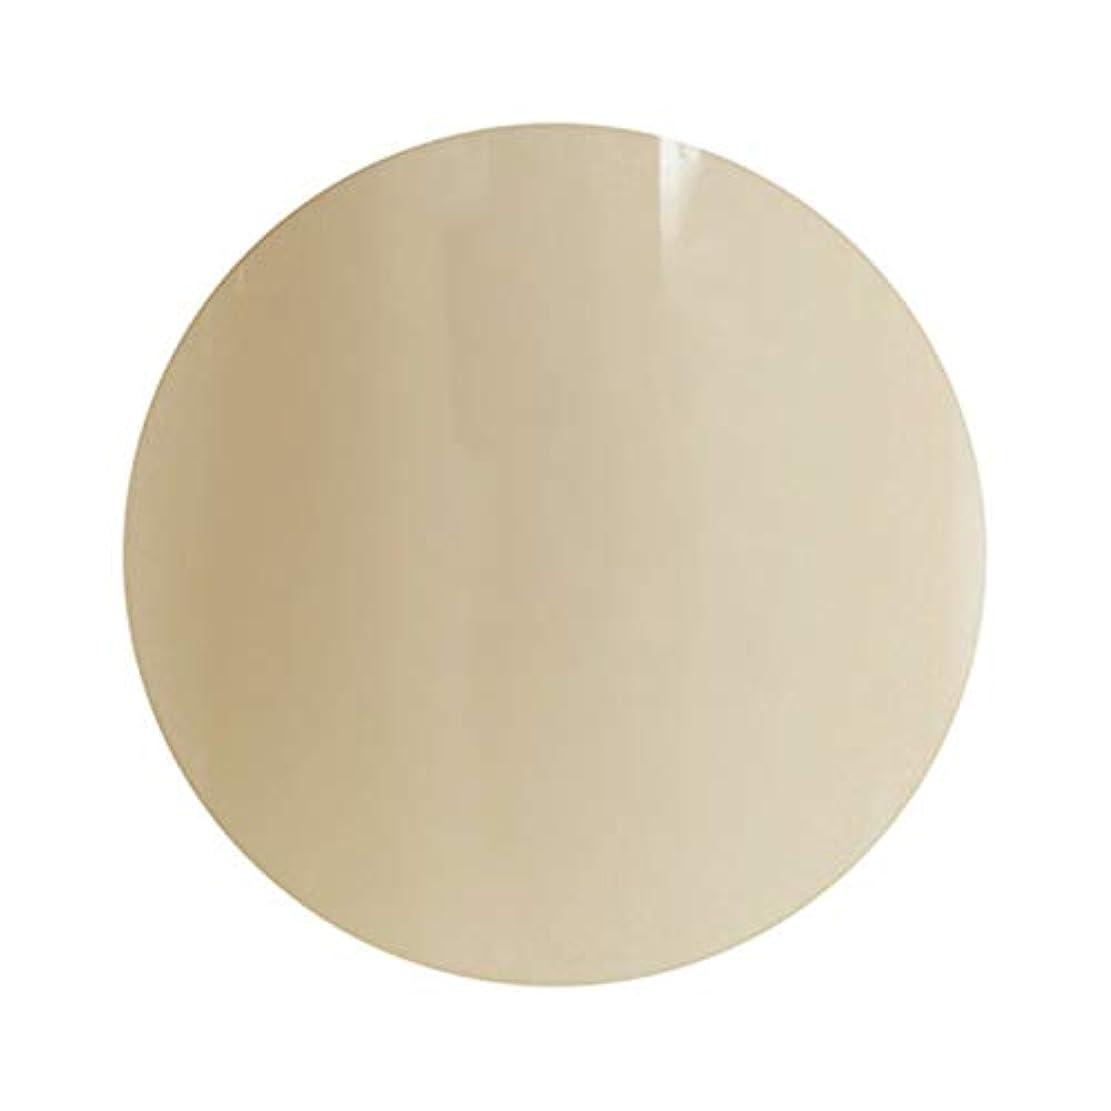 れるフリンジ内向きpara gel パラジェル カラージェル S035 ピスタチオミスト 4g (Coccoプロデュース)